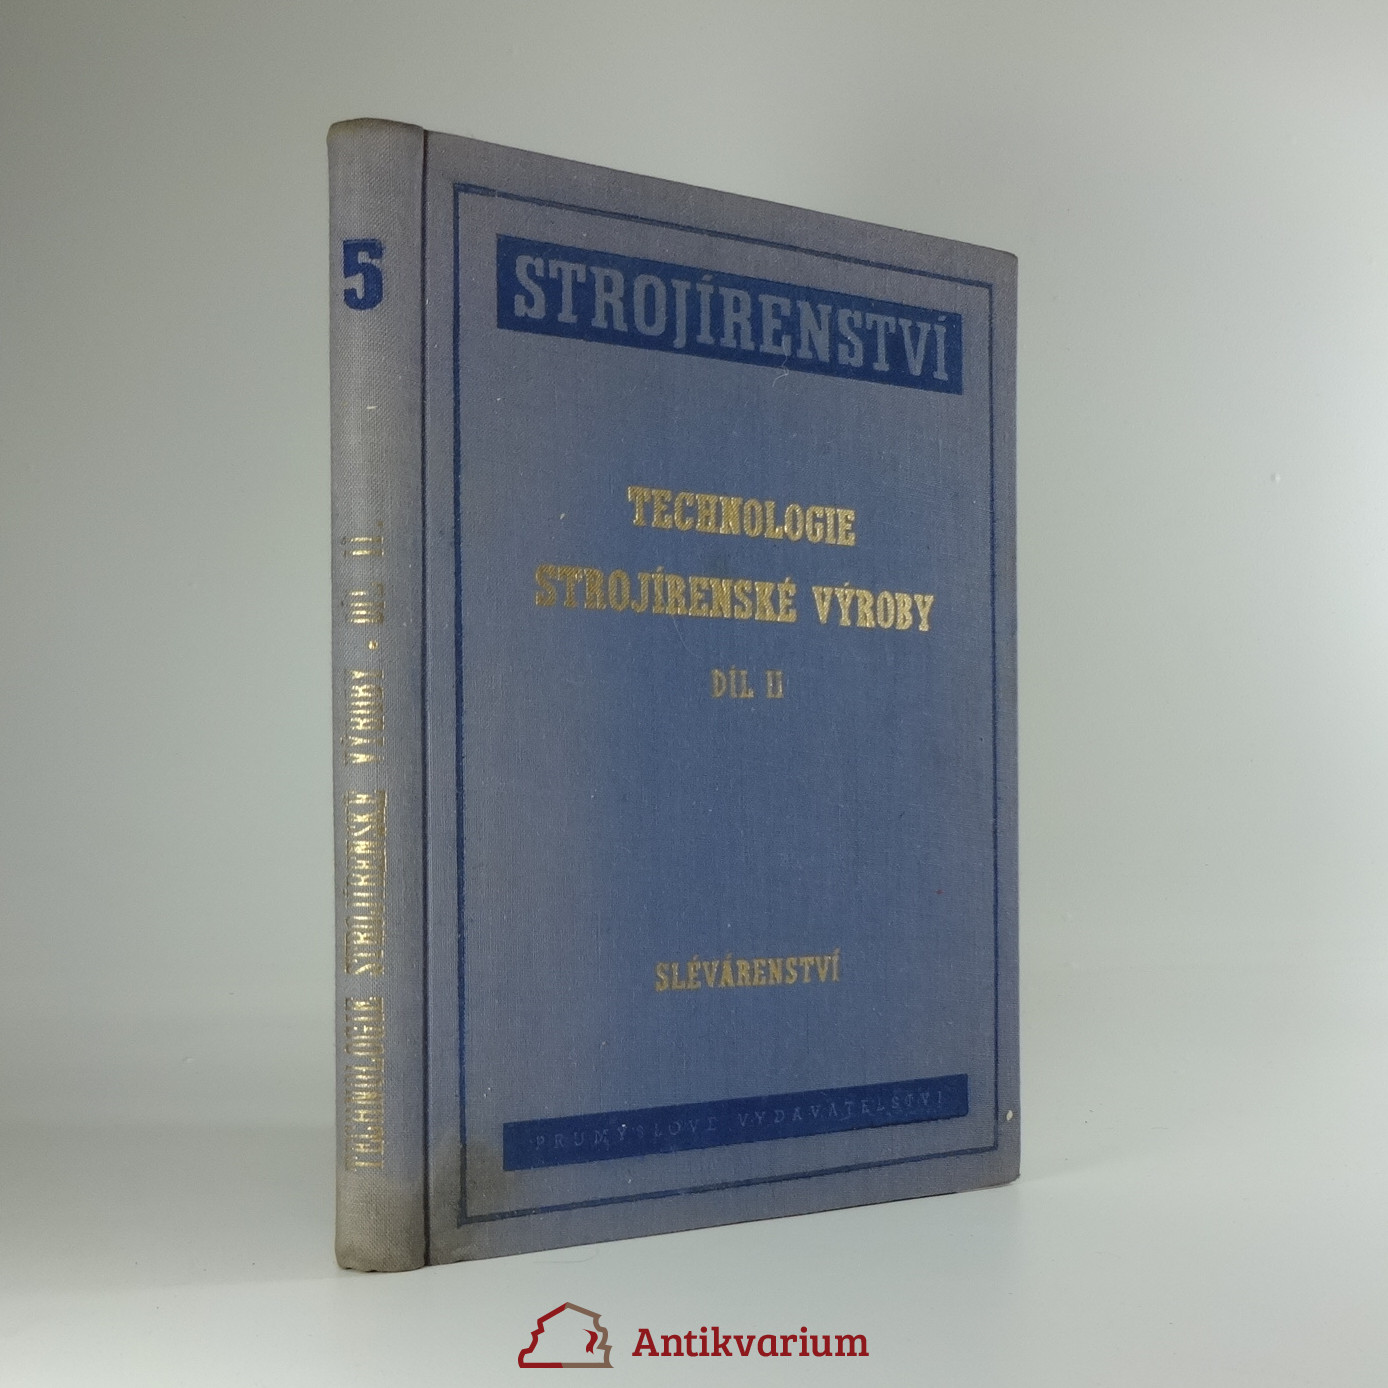 antikvární kniha Technologie strojírenské výroby díl II., 1952